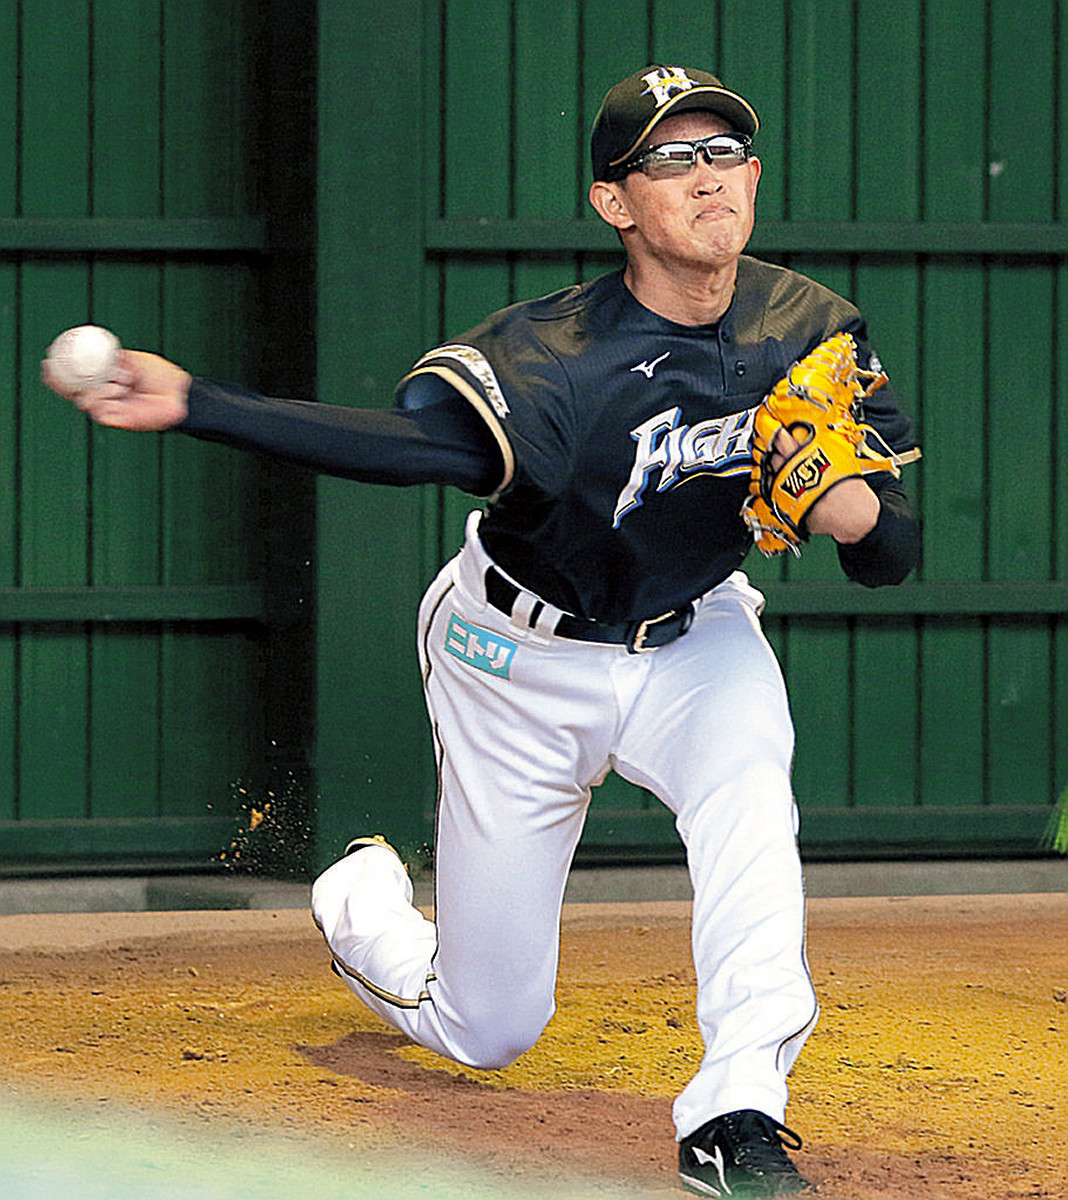 【日本ハム】ドラ4鈴木健、逆境チャンスに変えて飛躍「直球の強さを見てほしい」